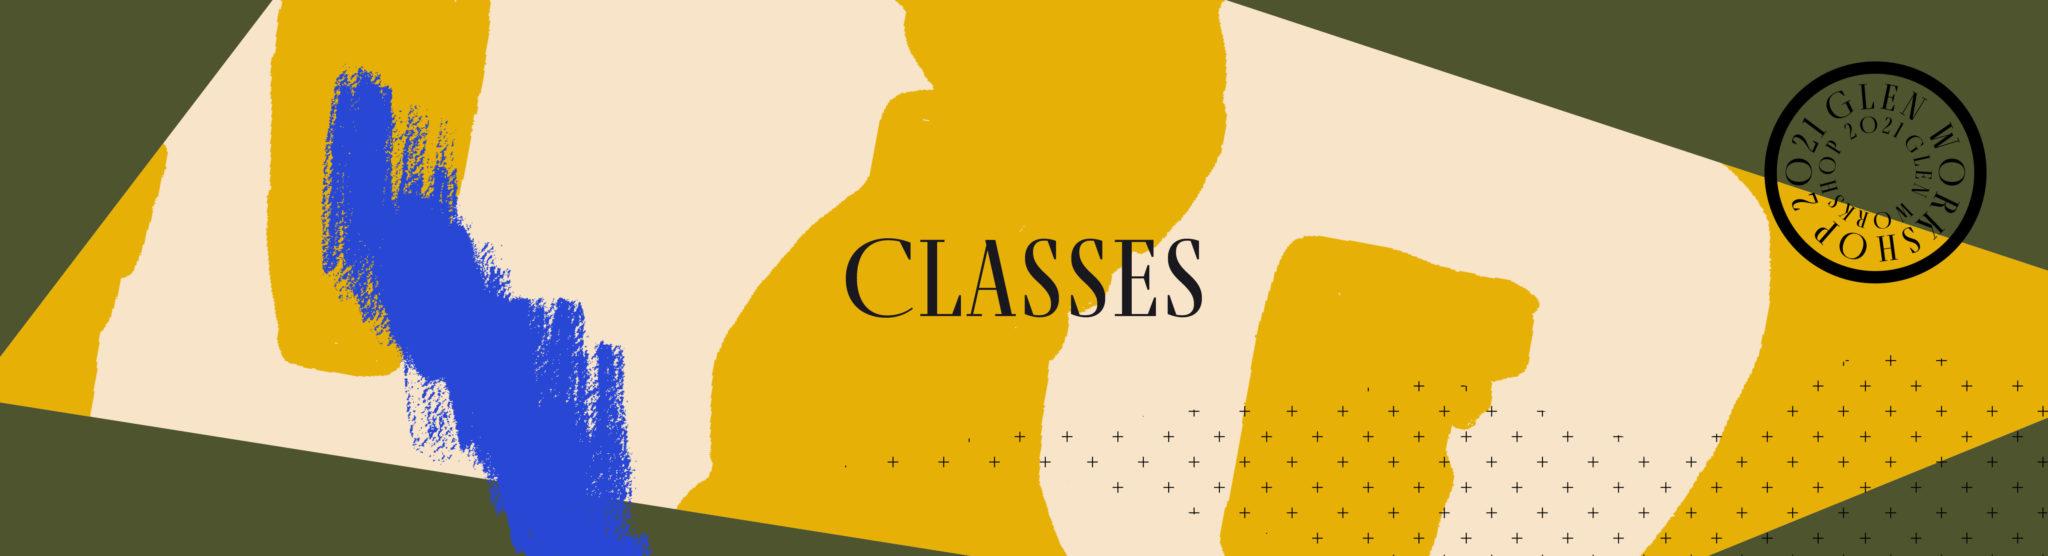 Image-Glen-2021-Classes-Update